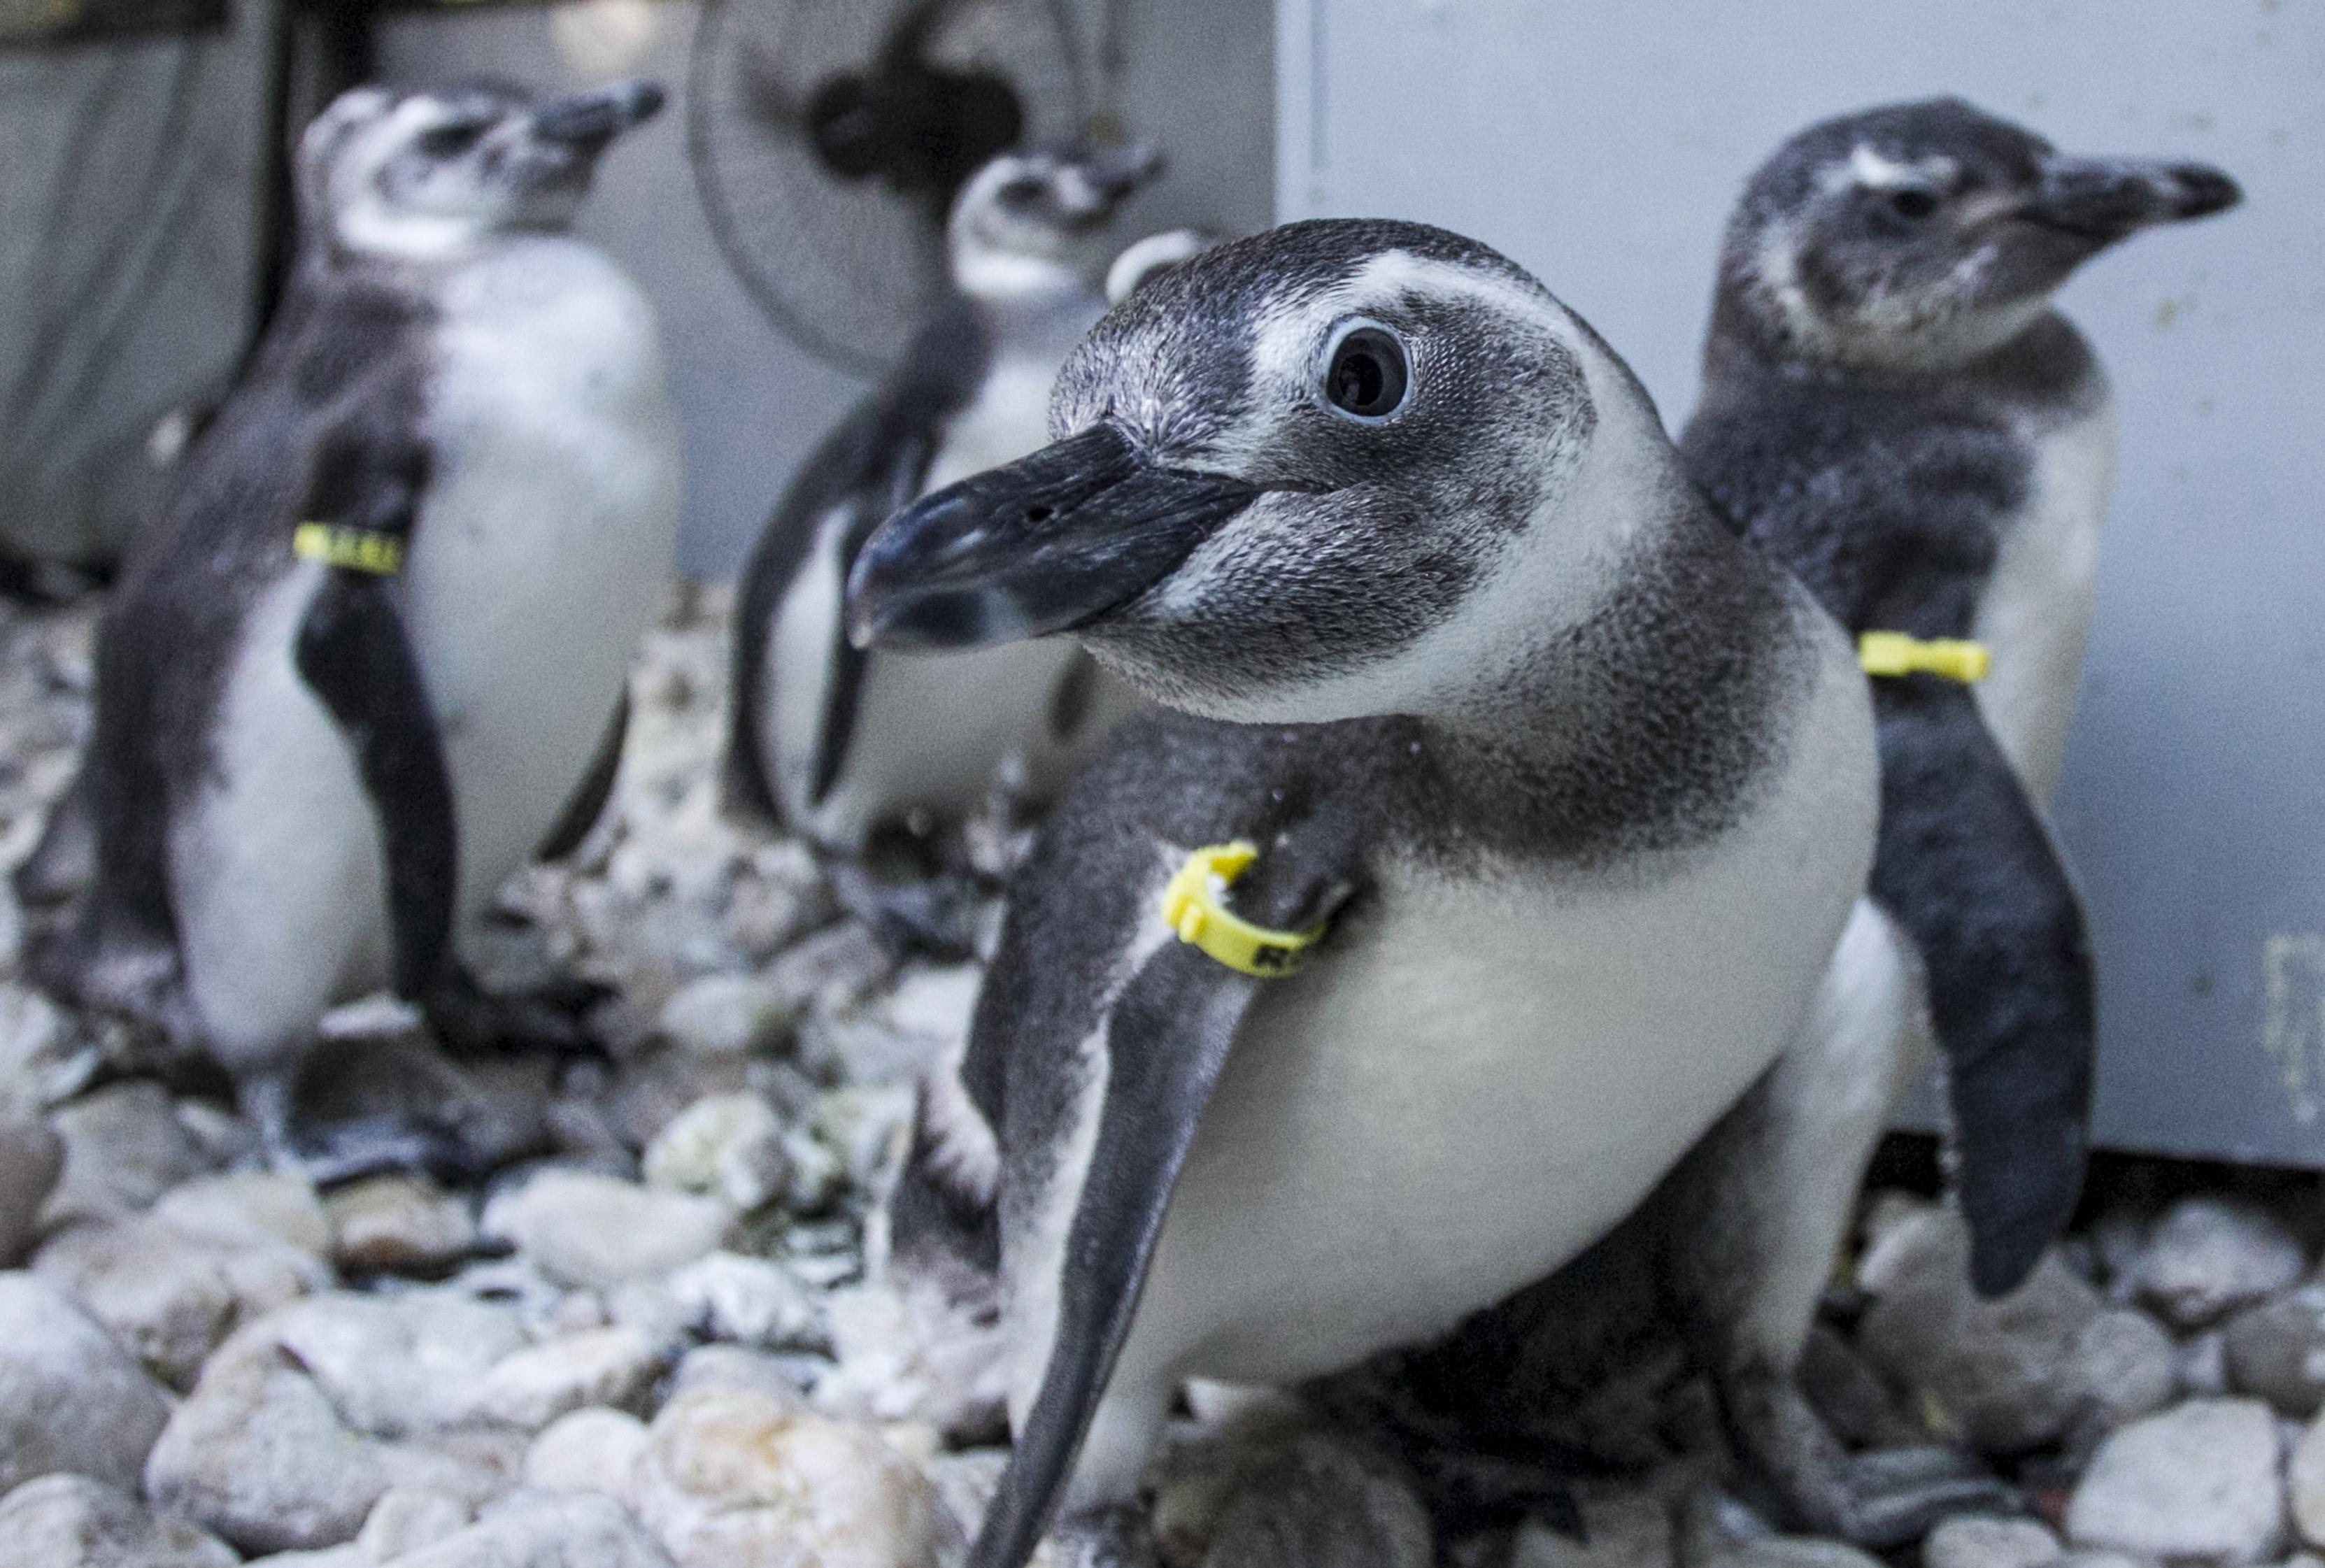 Os pinguins que deverão ser soltos dentro de 15 dias recebem um chip de identificação, contendo suas informações - Marco Santiago/ND